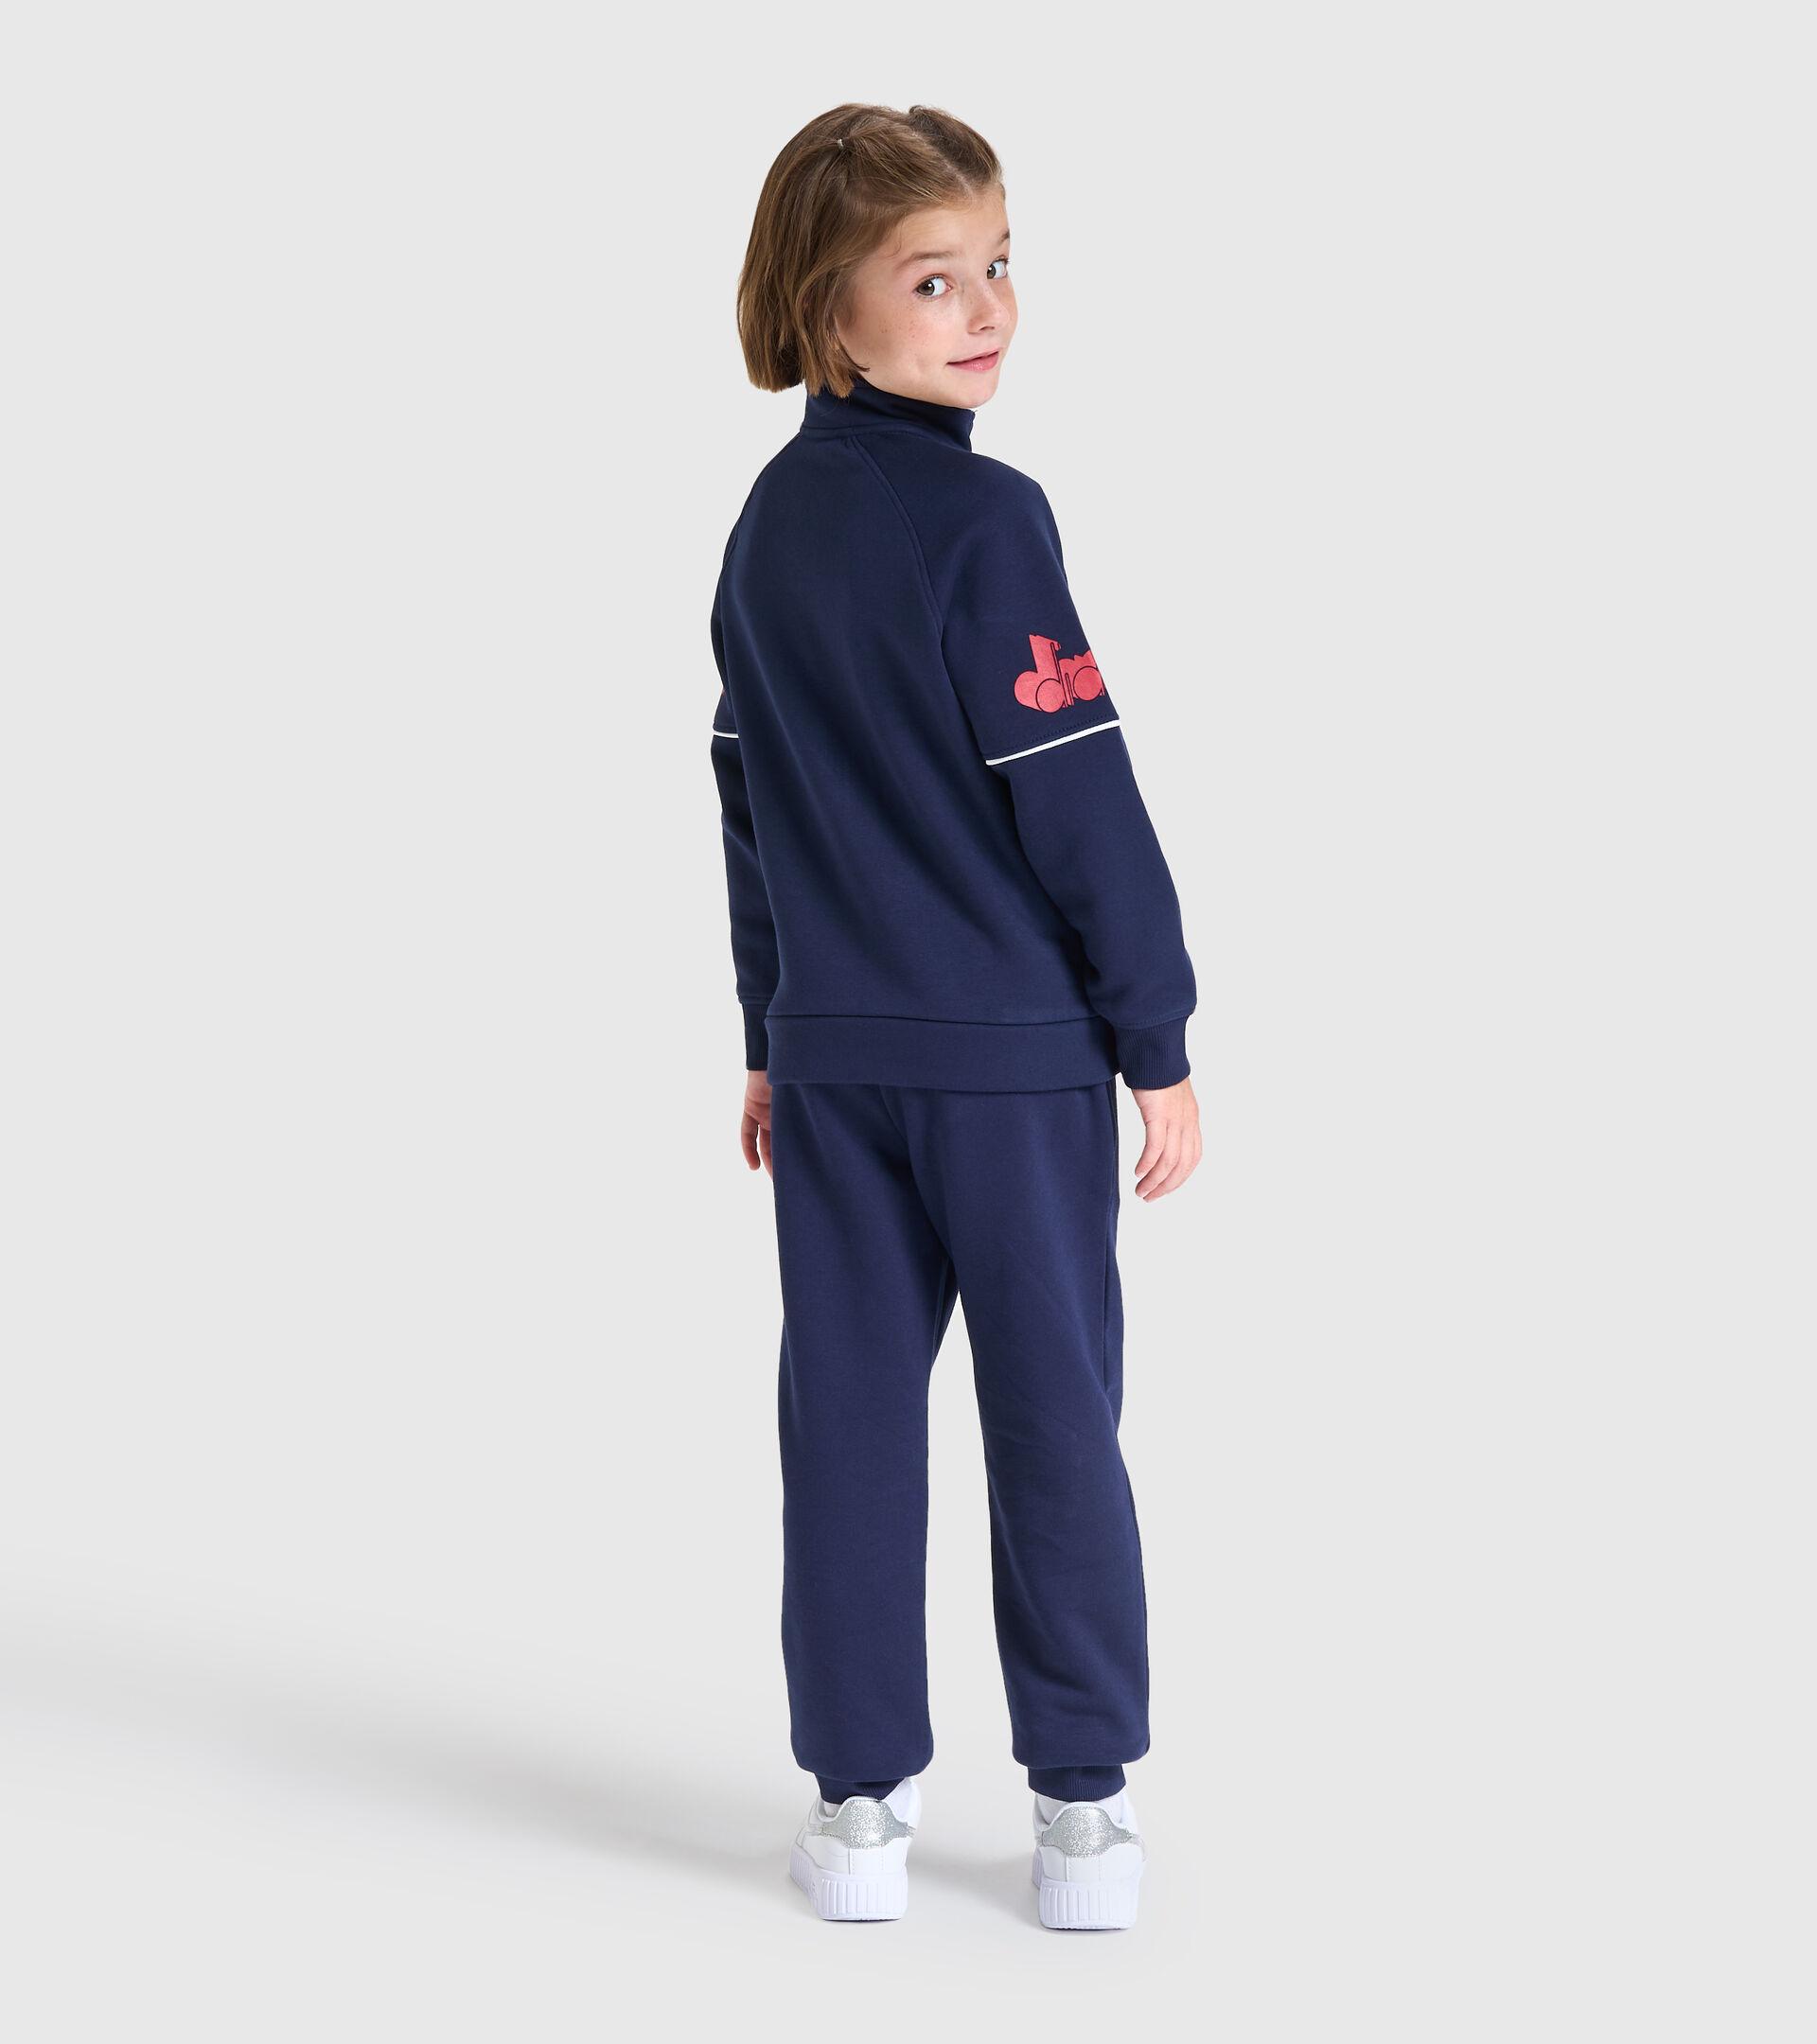 Trainingsanzug - Kinder JU. FZ TRACKSUIT CUBIC CABAN BLAU - Diadora